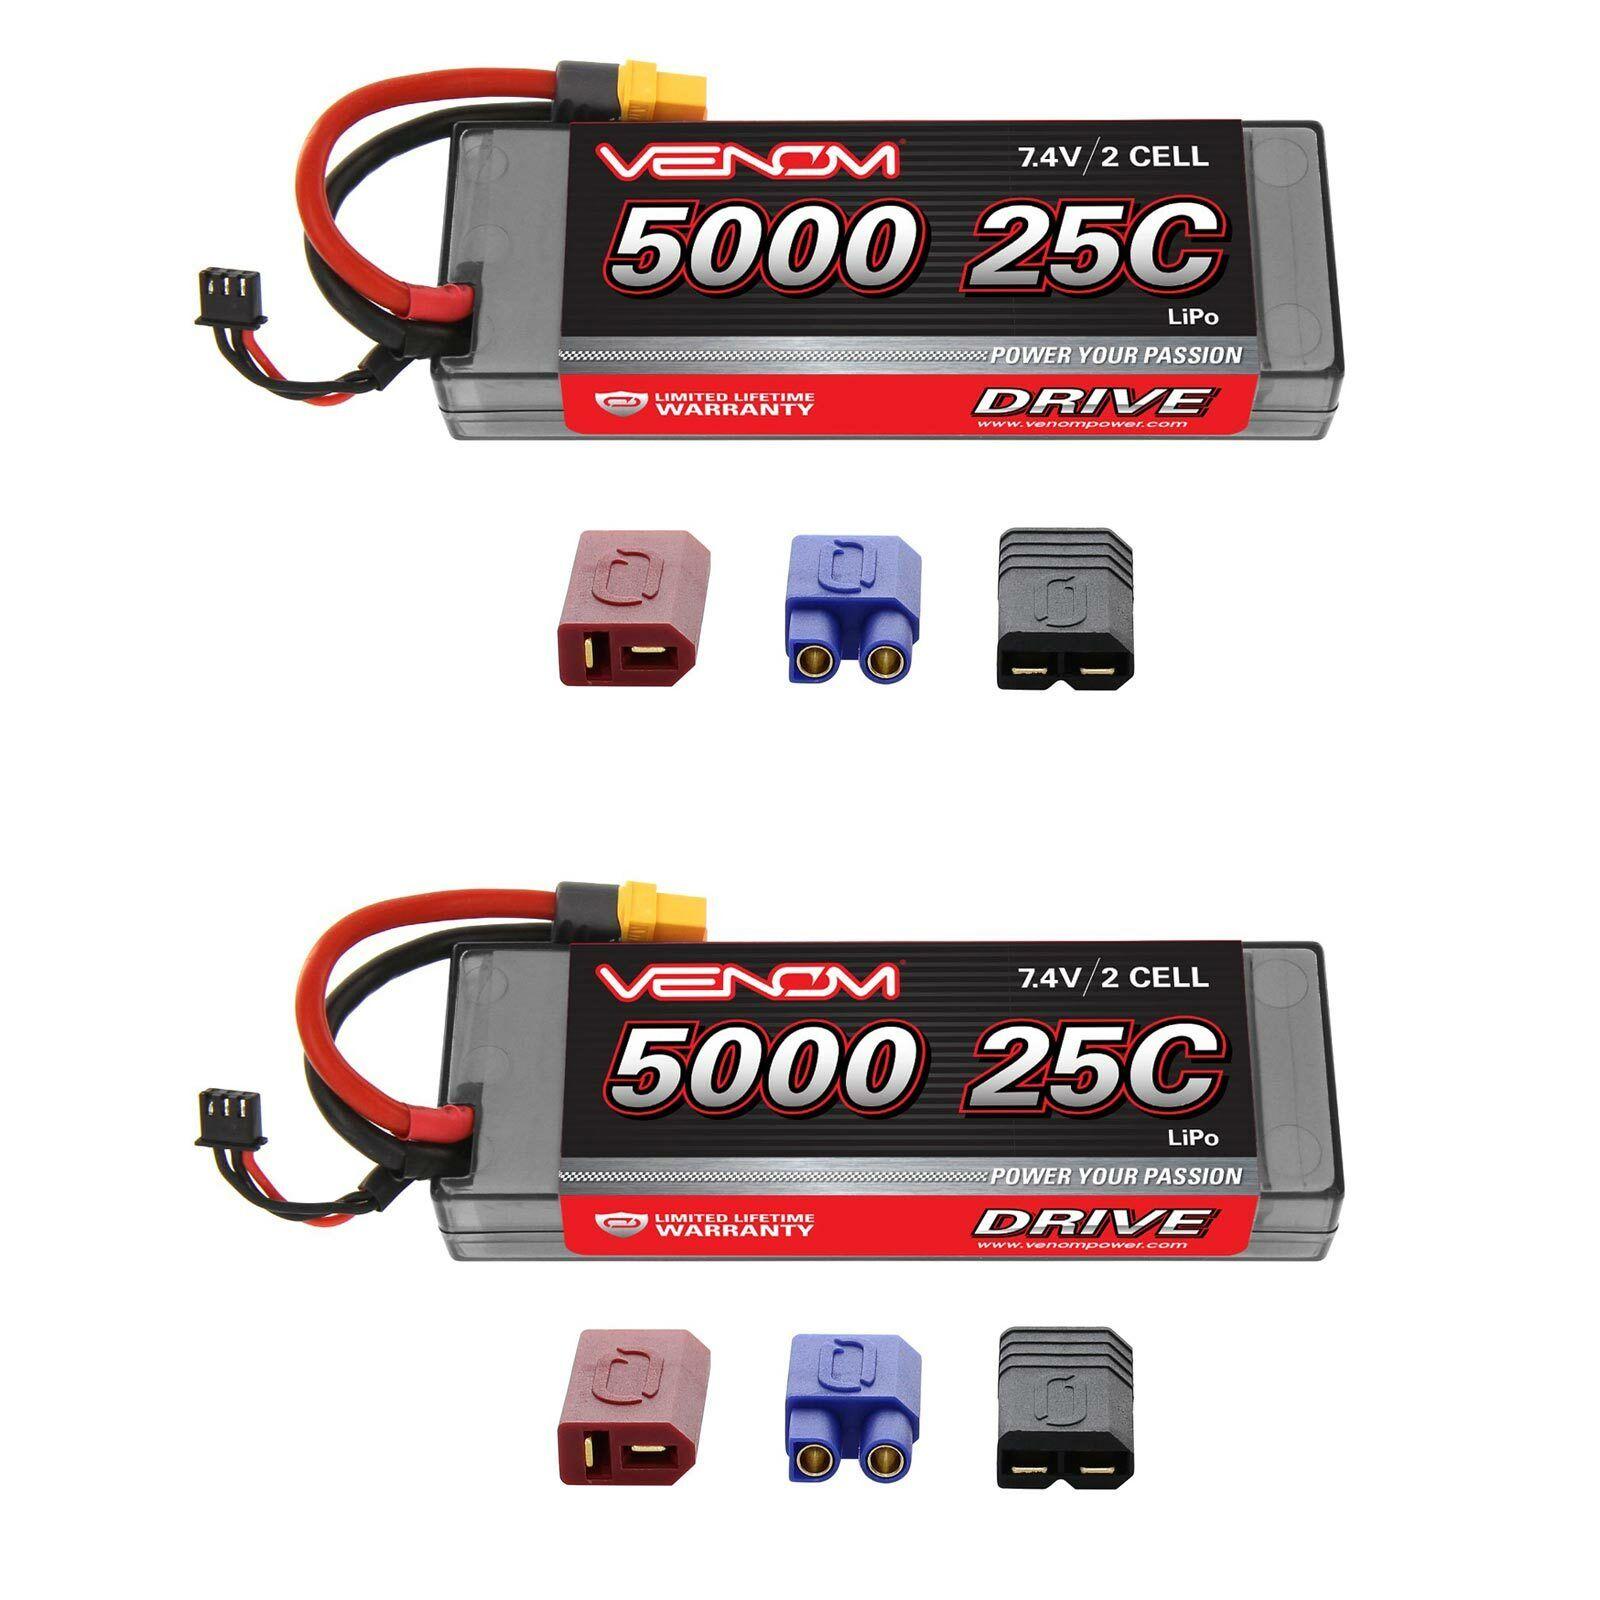 Venom 25C 2S 5000mAh 7.4V Estuche Duro Batería Lipo con sistema de enchufe Uni paquetes x2